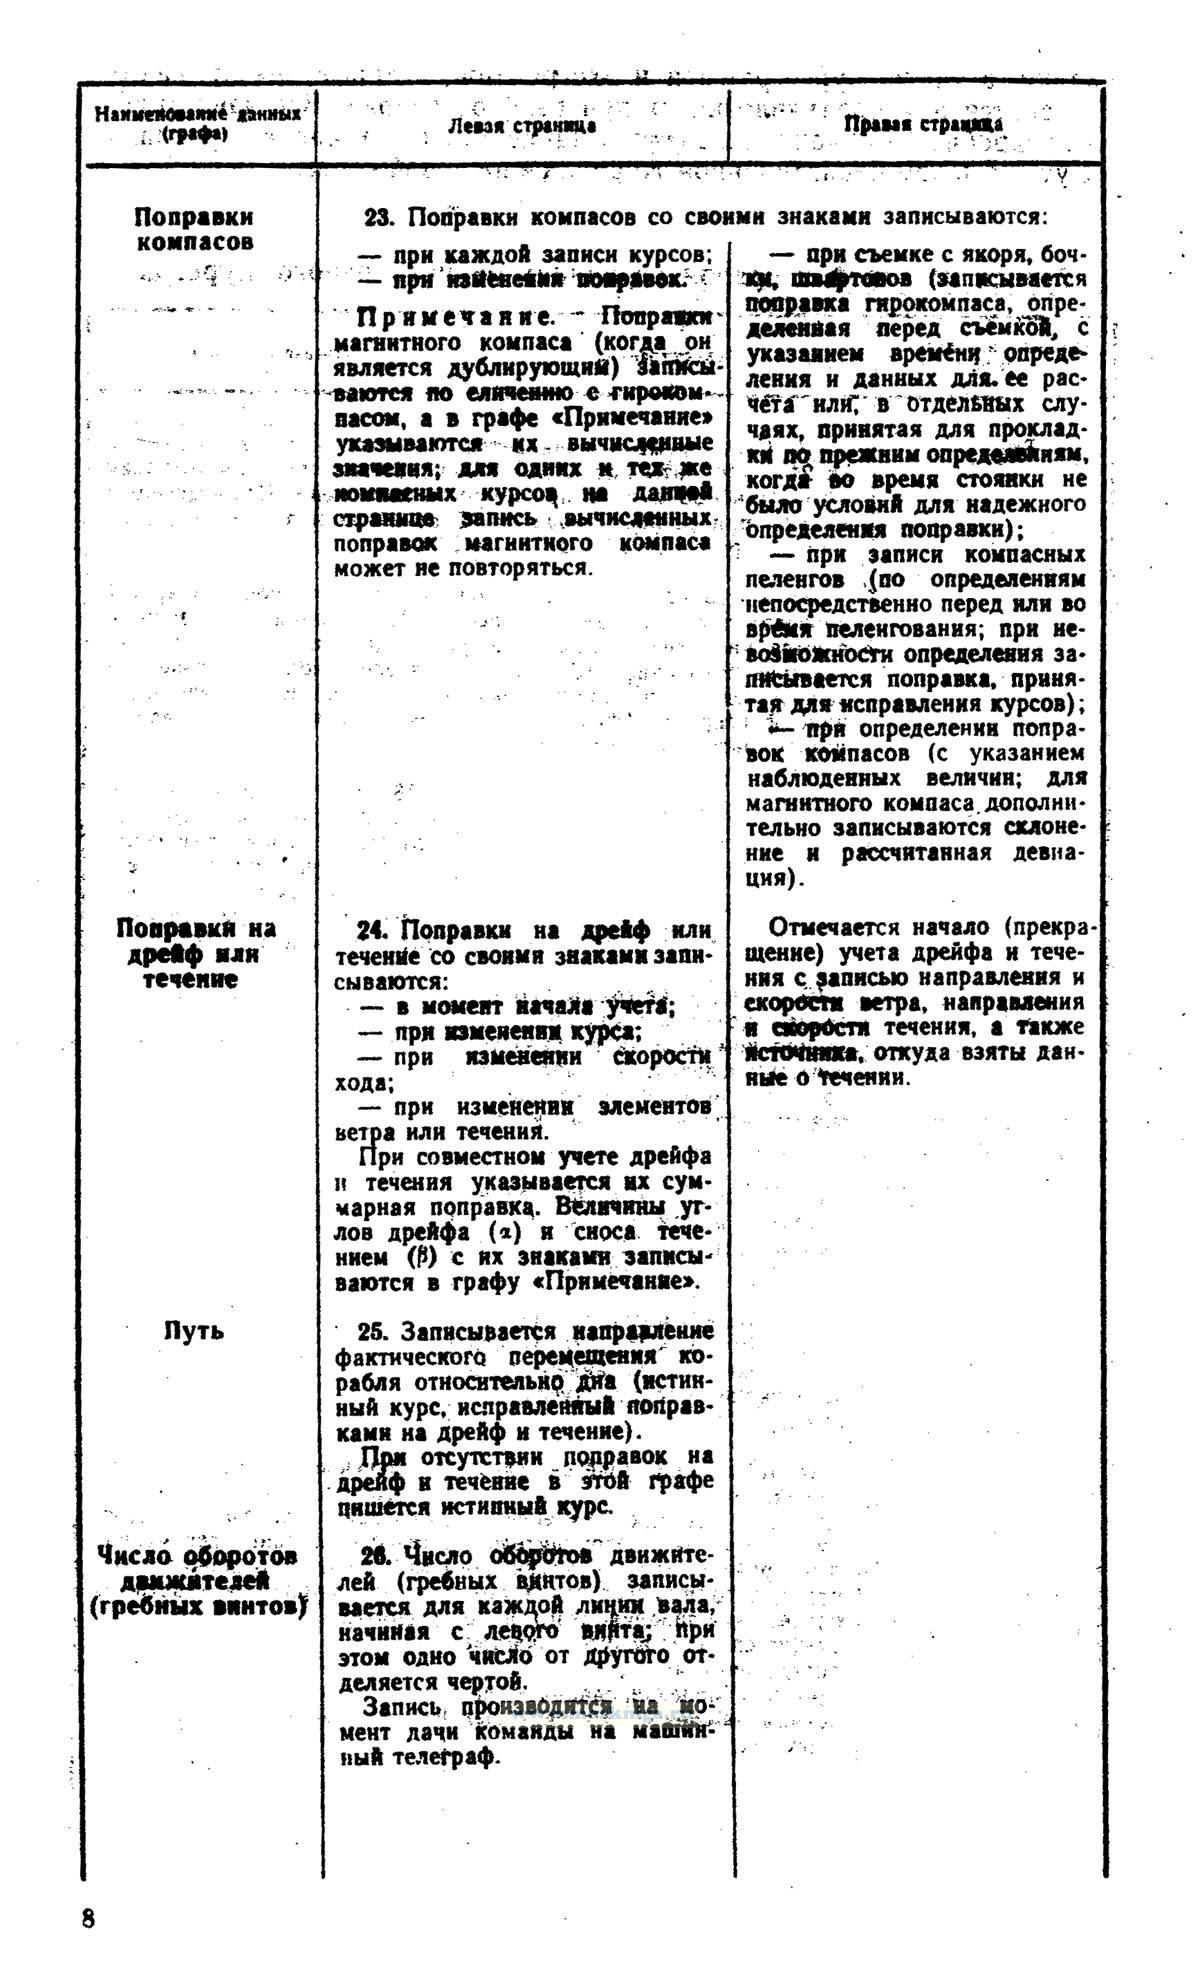 Правила ведения навигационного журнала на кораблях ВМФ